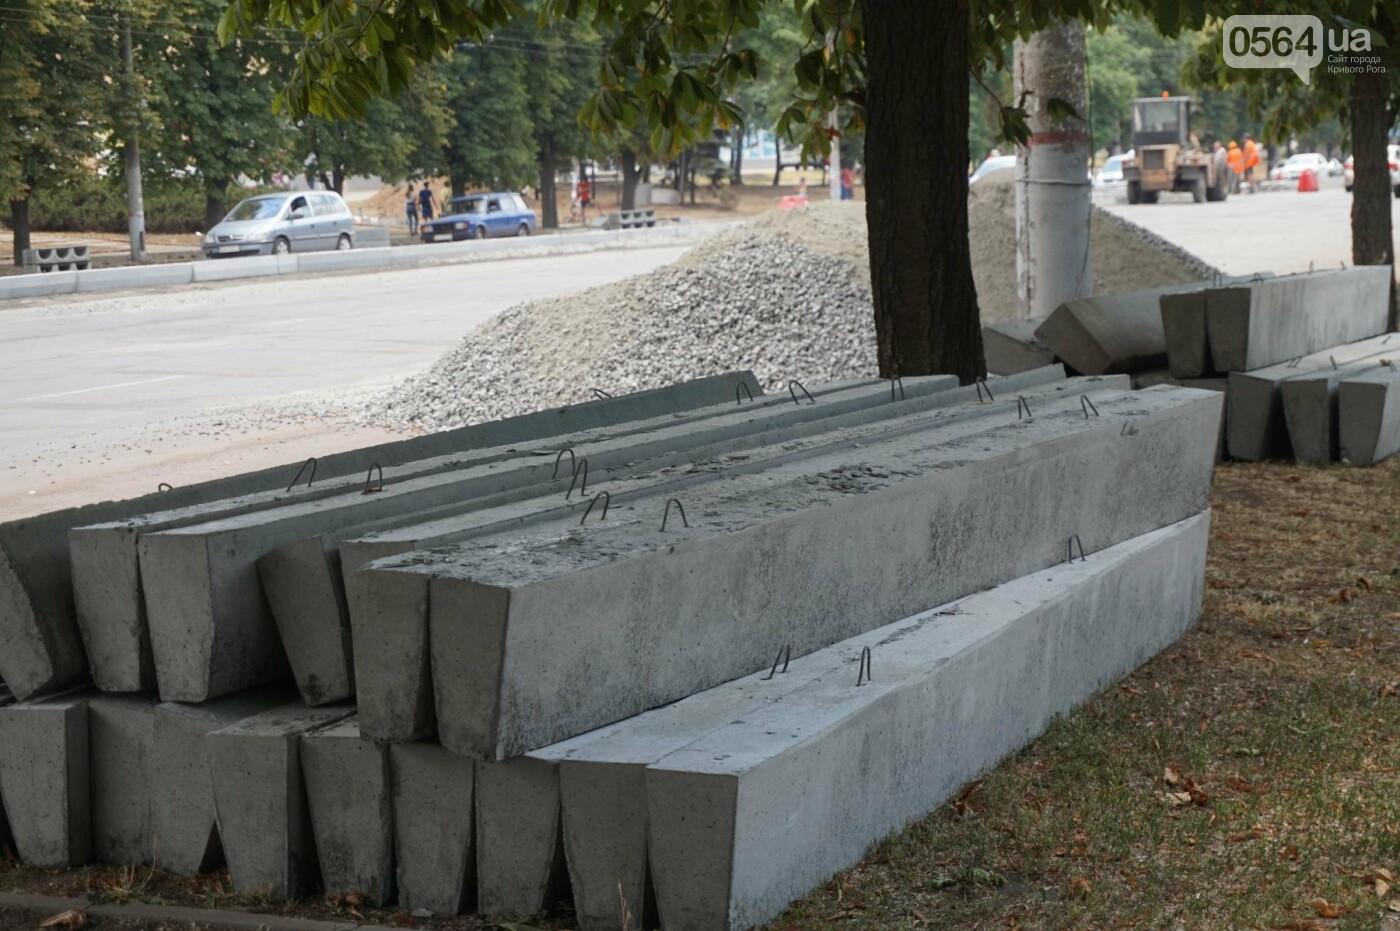 С сегодняшнего дня на центральном проспекте Кривого Рога отменены 3 остановки и запрещена парковка, - ФОТО, фото-18